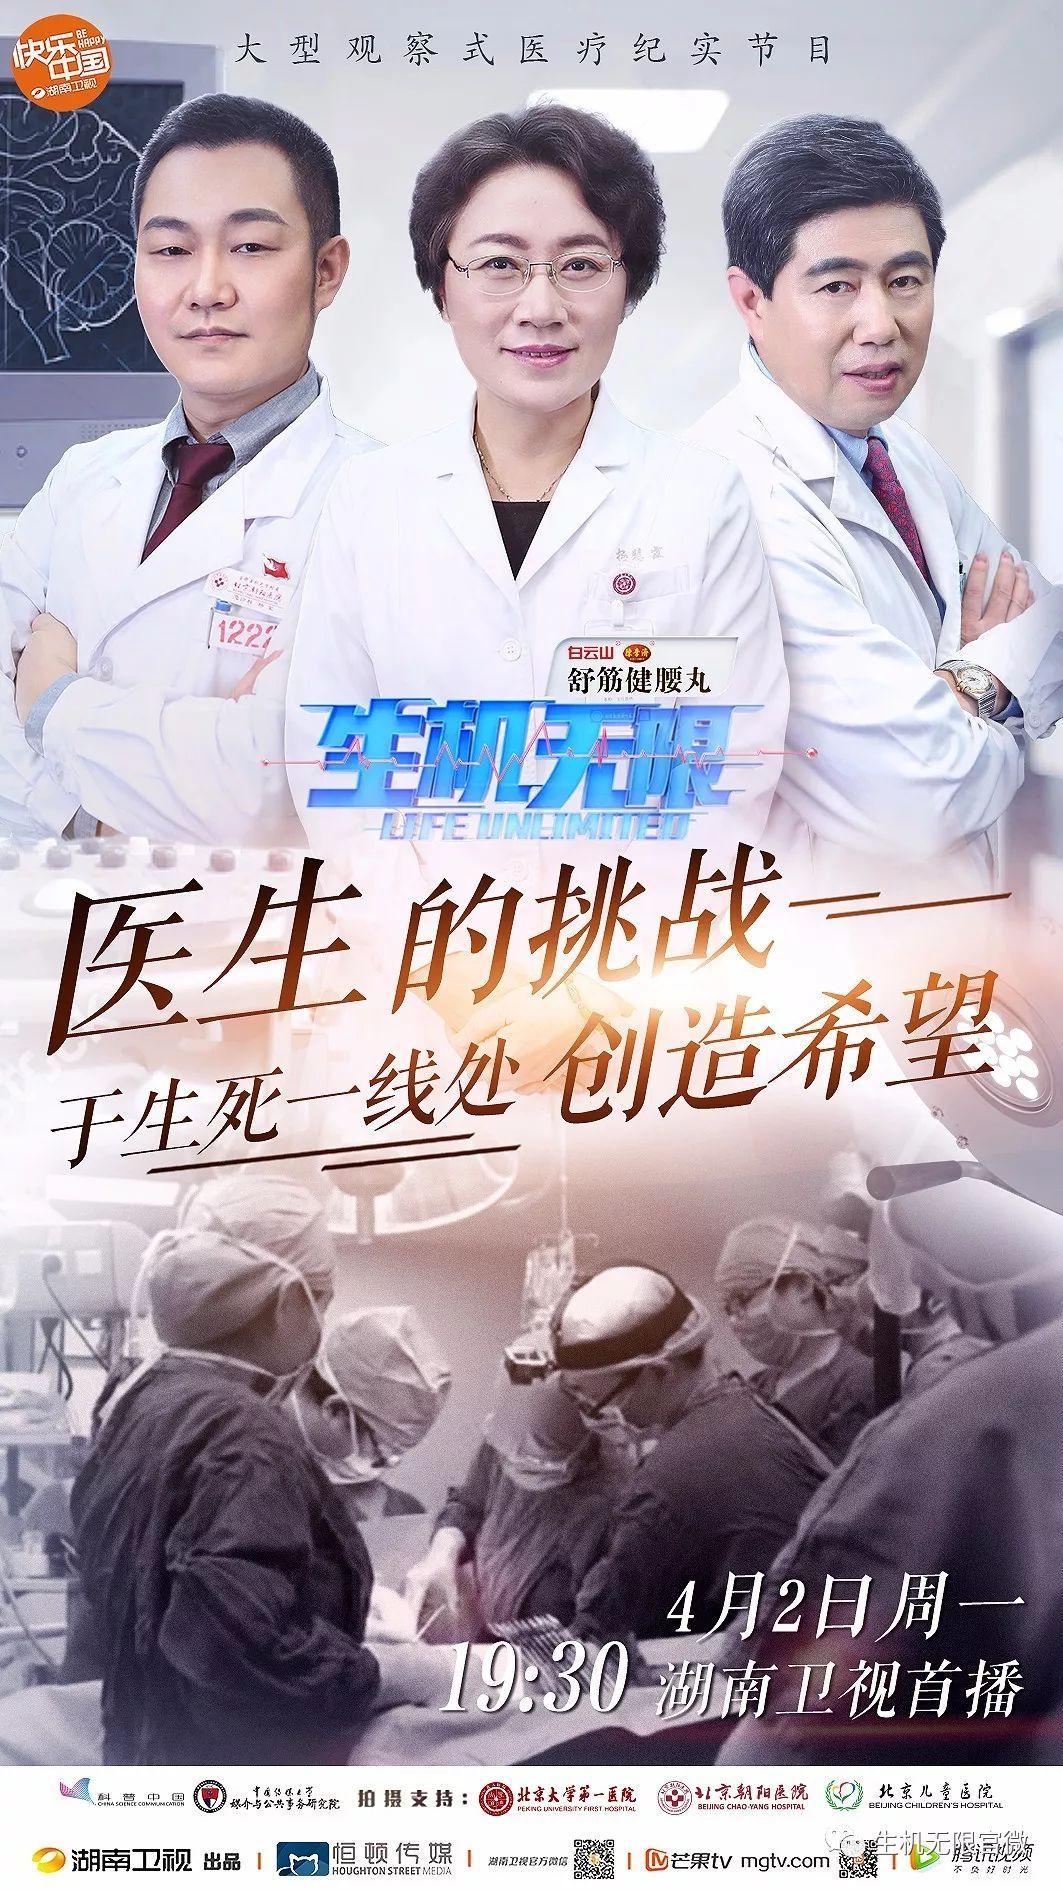 高龄产妇生二胎命悬一线,湖南卫视《生机无限》今晚直击医院生死之战